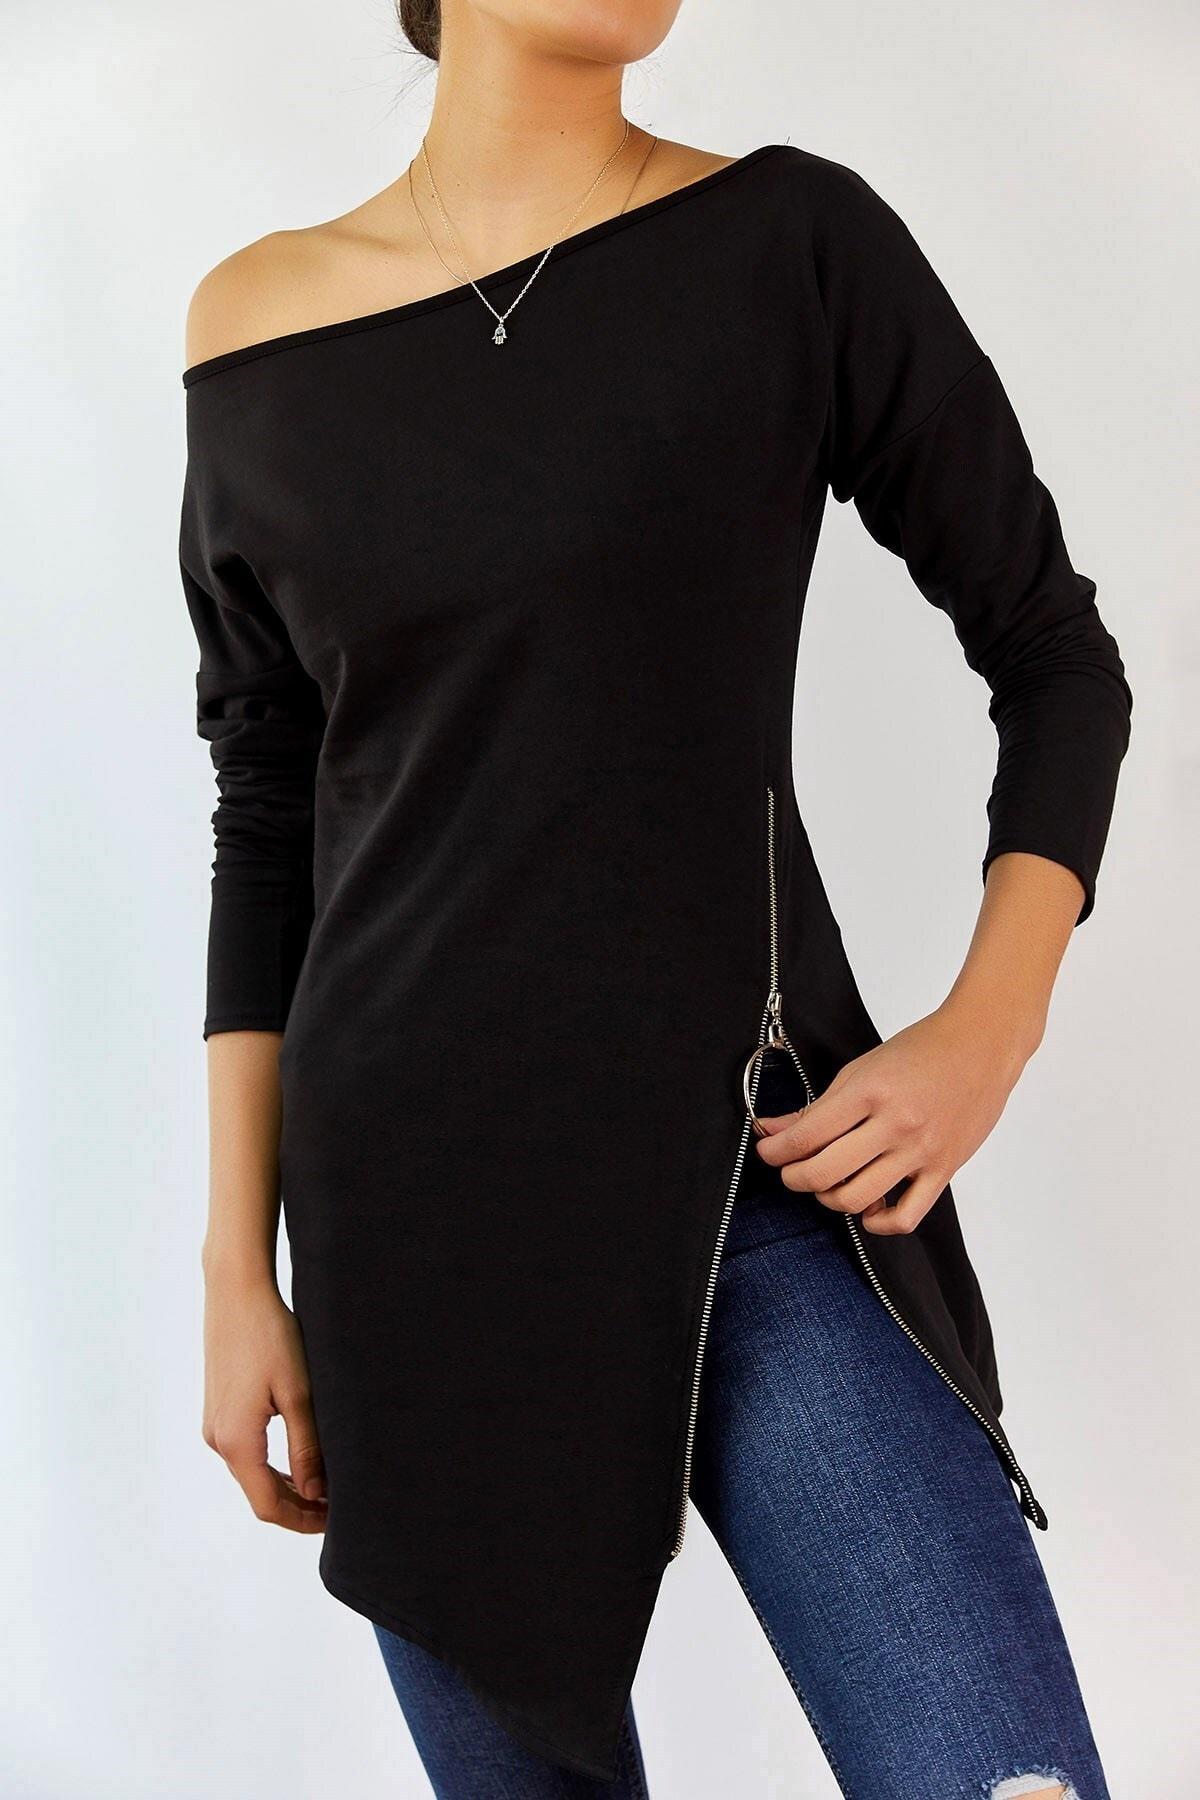 boutiquen Kadın Siyah Fermuar Detaylı Tunik 1236